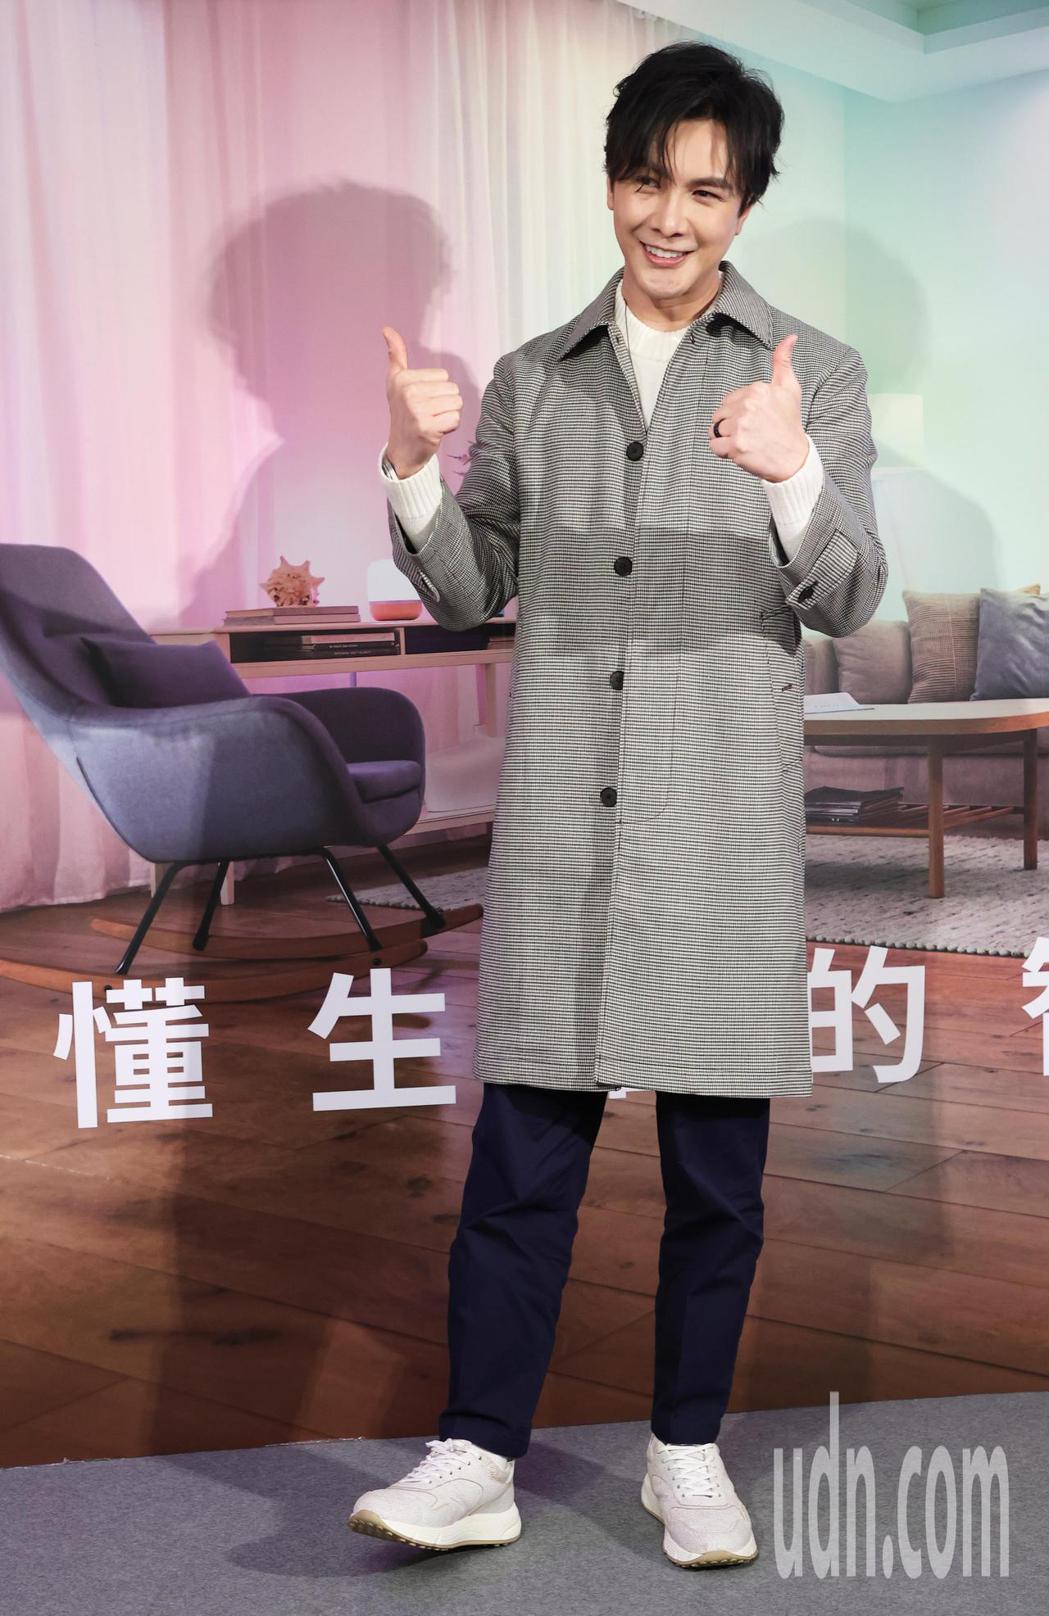 謝佳見今天為知名燈泡代言,強調他是重視生活品質的人。記者潘俊宏/攝影